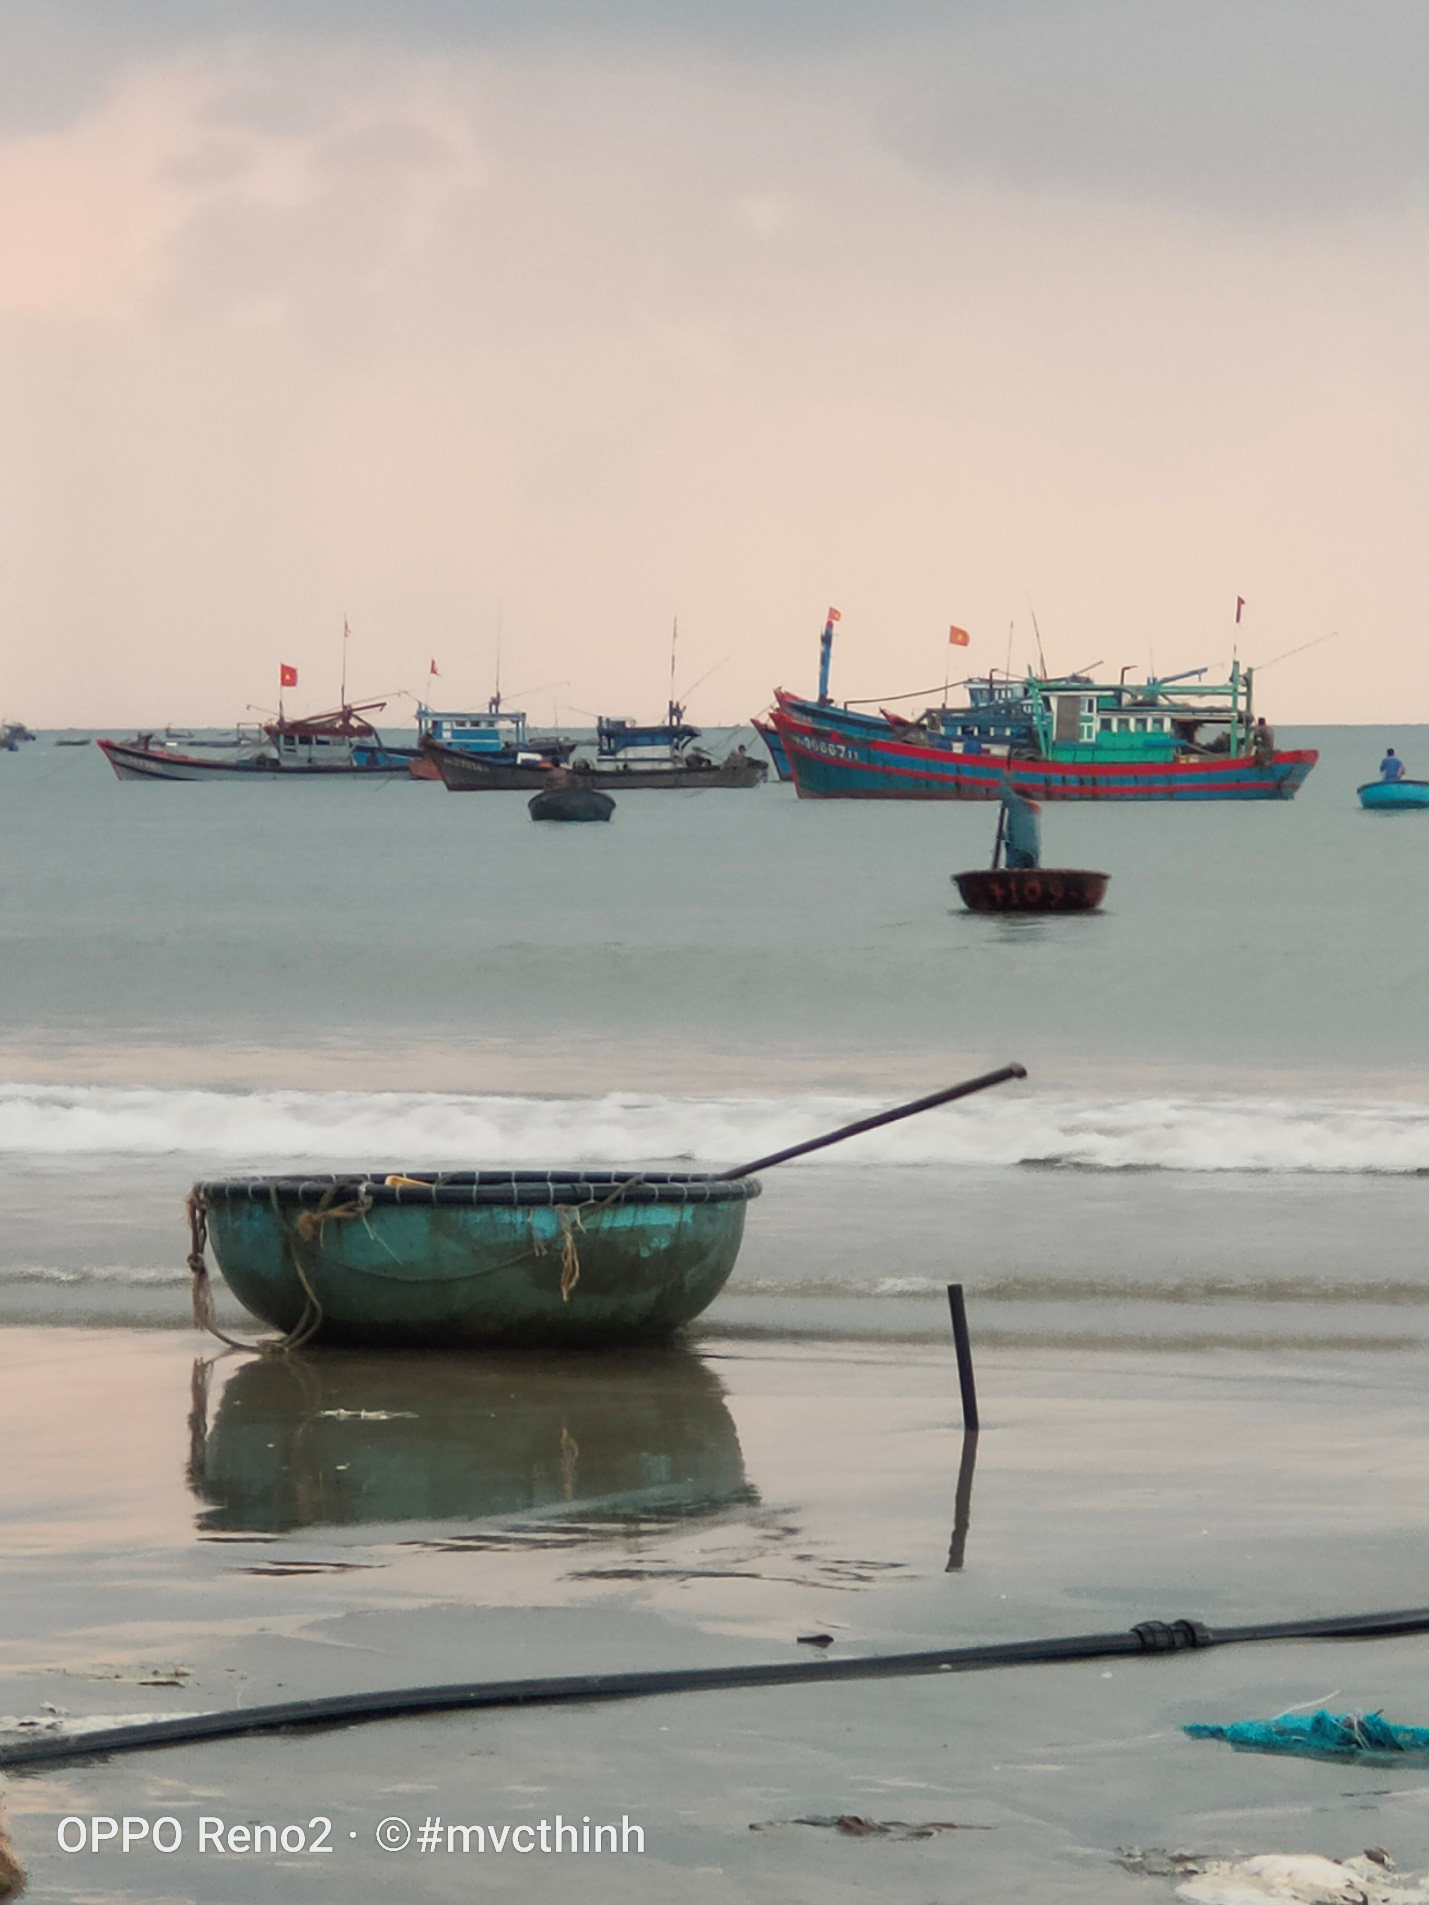 Phá đảo thành phố biển xinh đẹp Đà Nẵng chỉ với lịch trình một ngày - Ảnh 1.